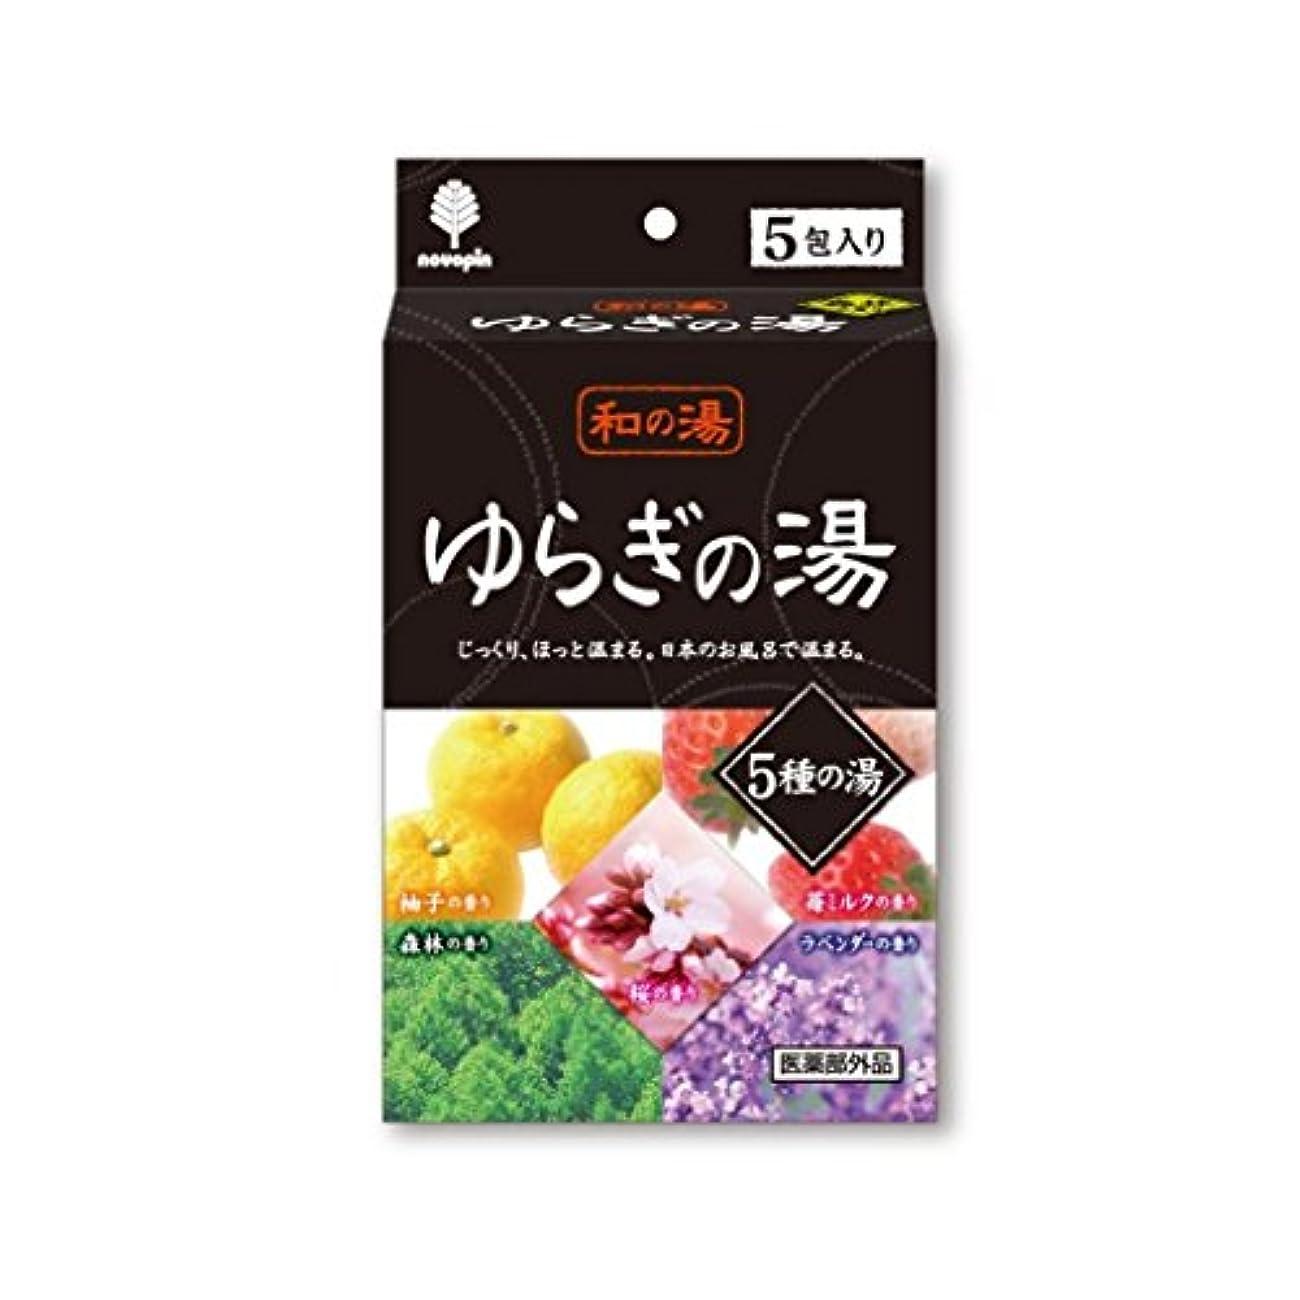 デコードするガス耐えられる紀陽除虫菊 日本製 Japan 和の湯 ゆらぎの湯 5種の湯 25g×5包入 【まとめ買い10個セット】